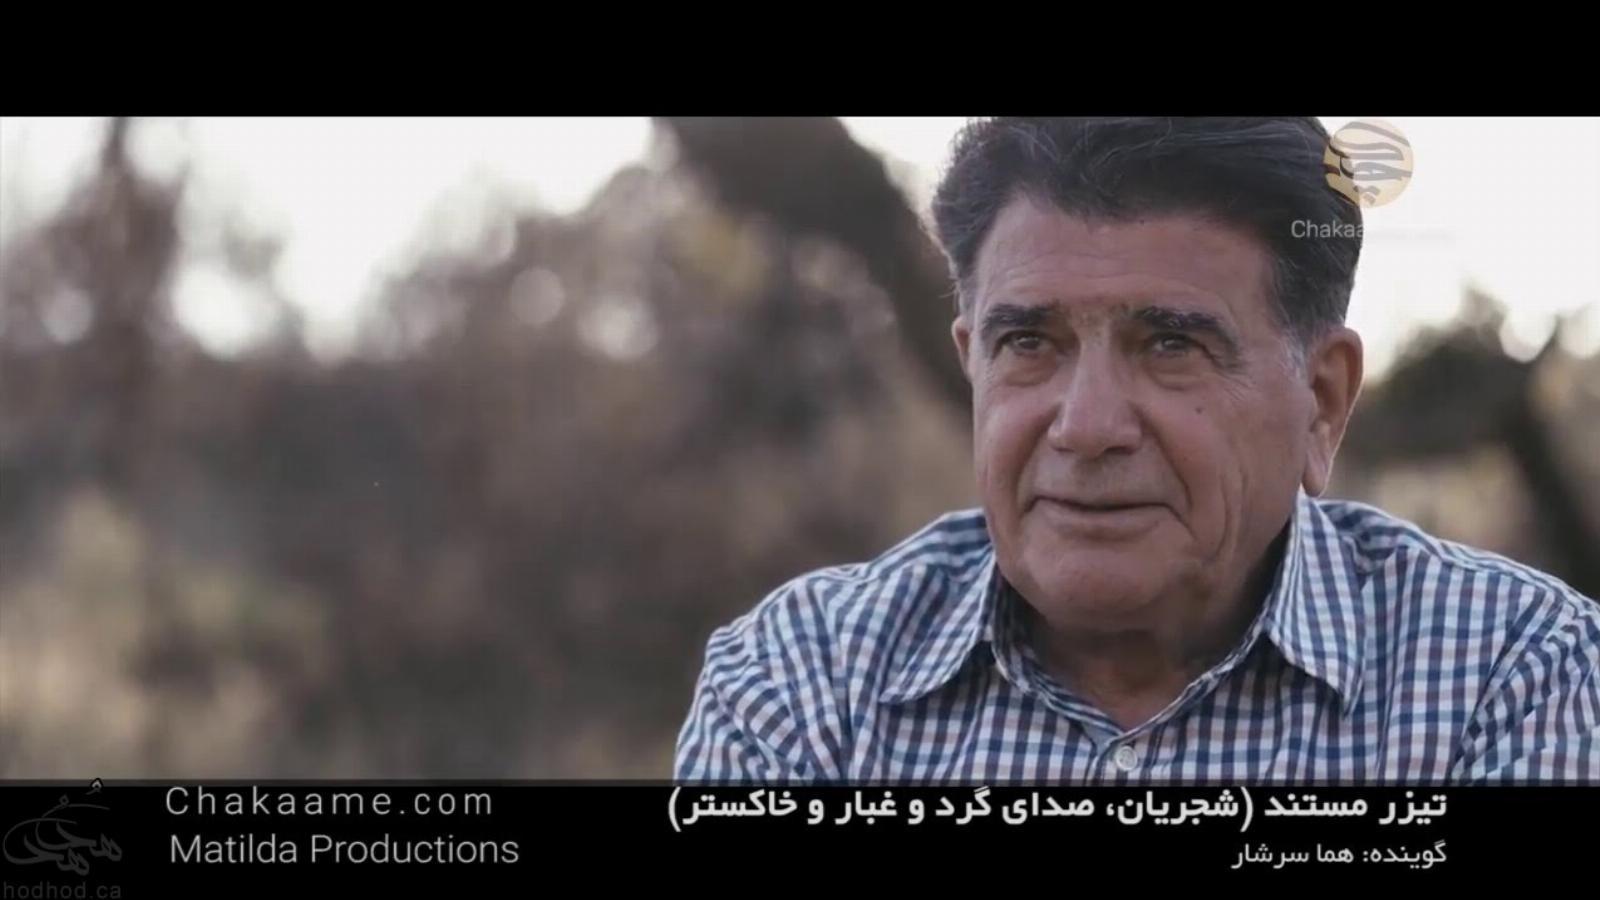 تیزر مستند خاک و خاکستر استاد محمد رضا شجریان